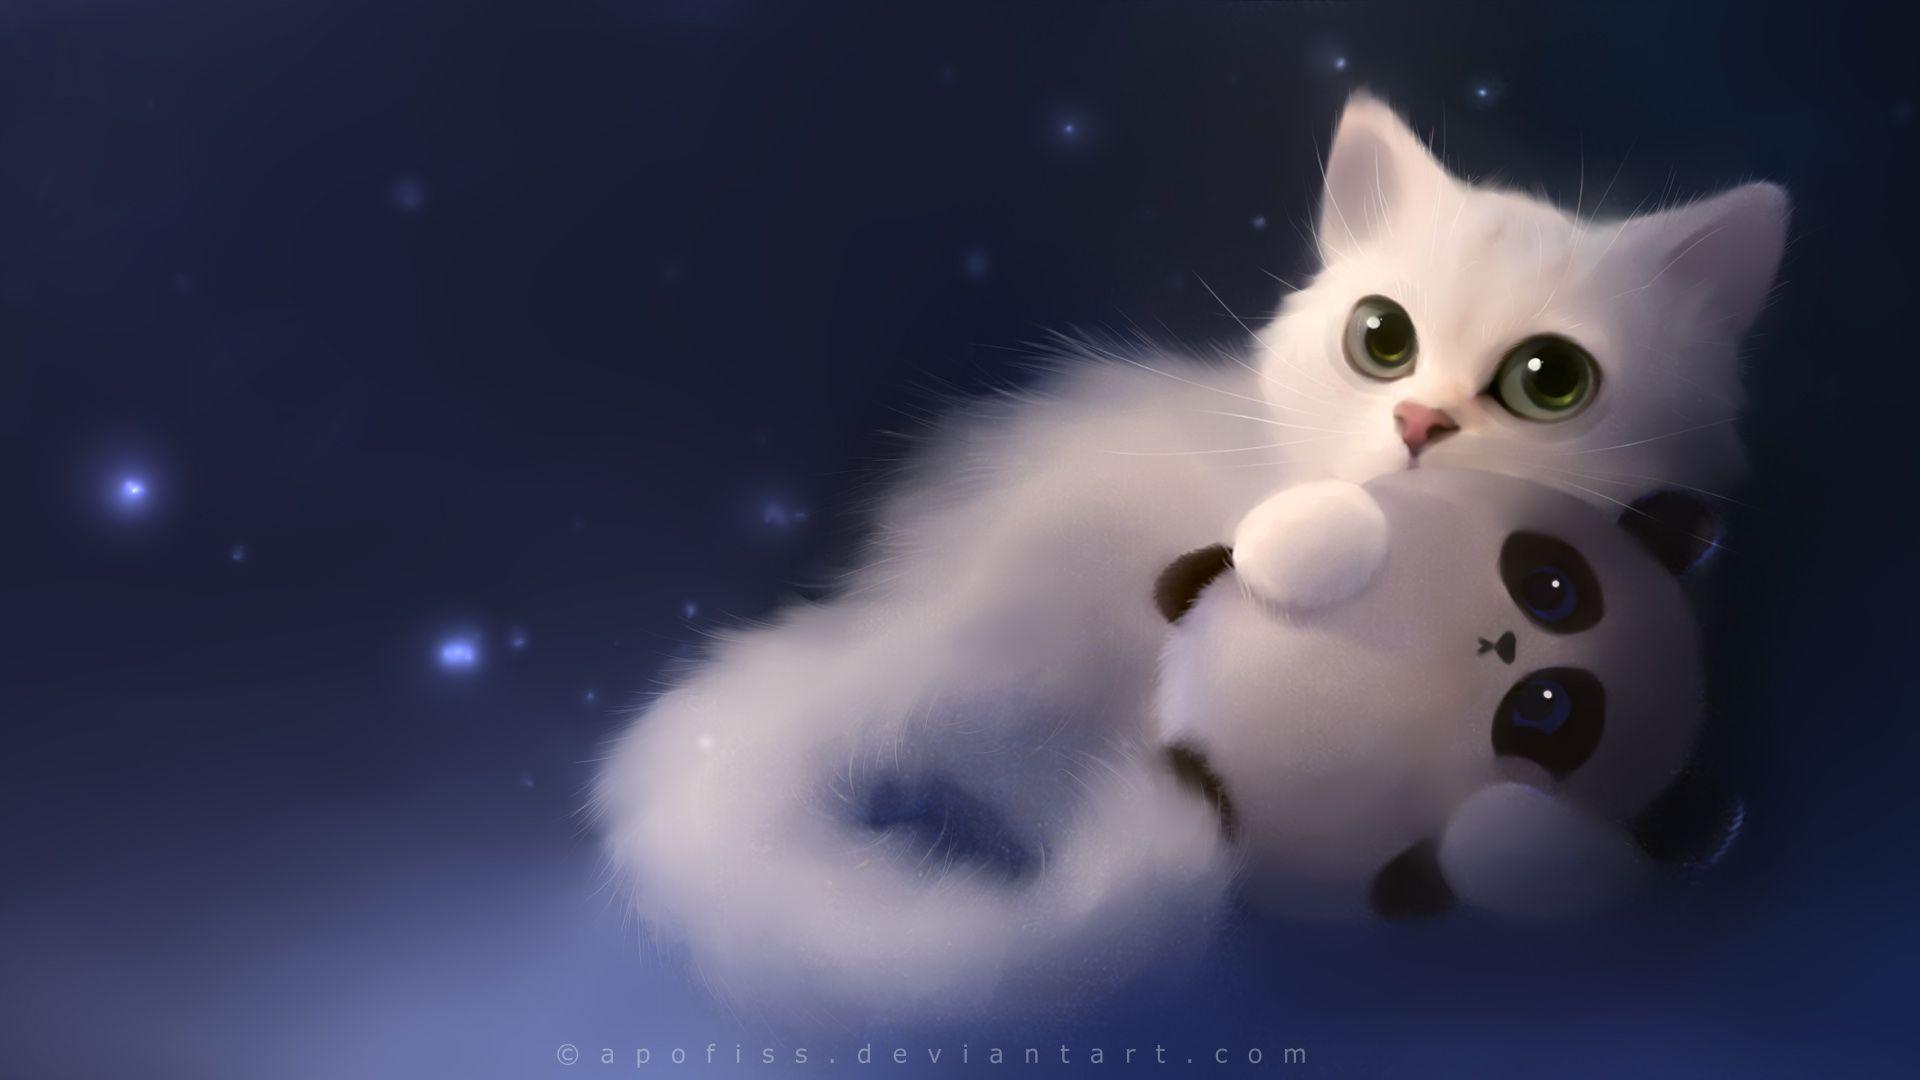 Google themes kittens - Cute Cartoon Cat Wallpapers Japanese Cat Cartoon Wallpapers Cat